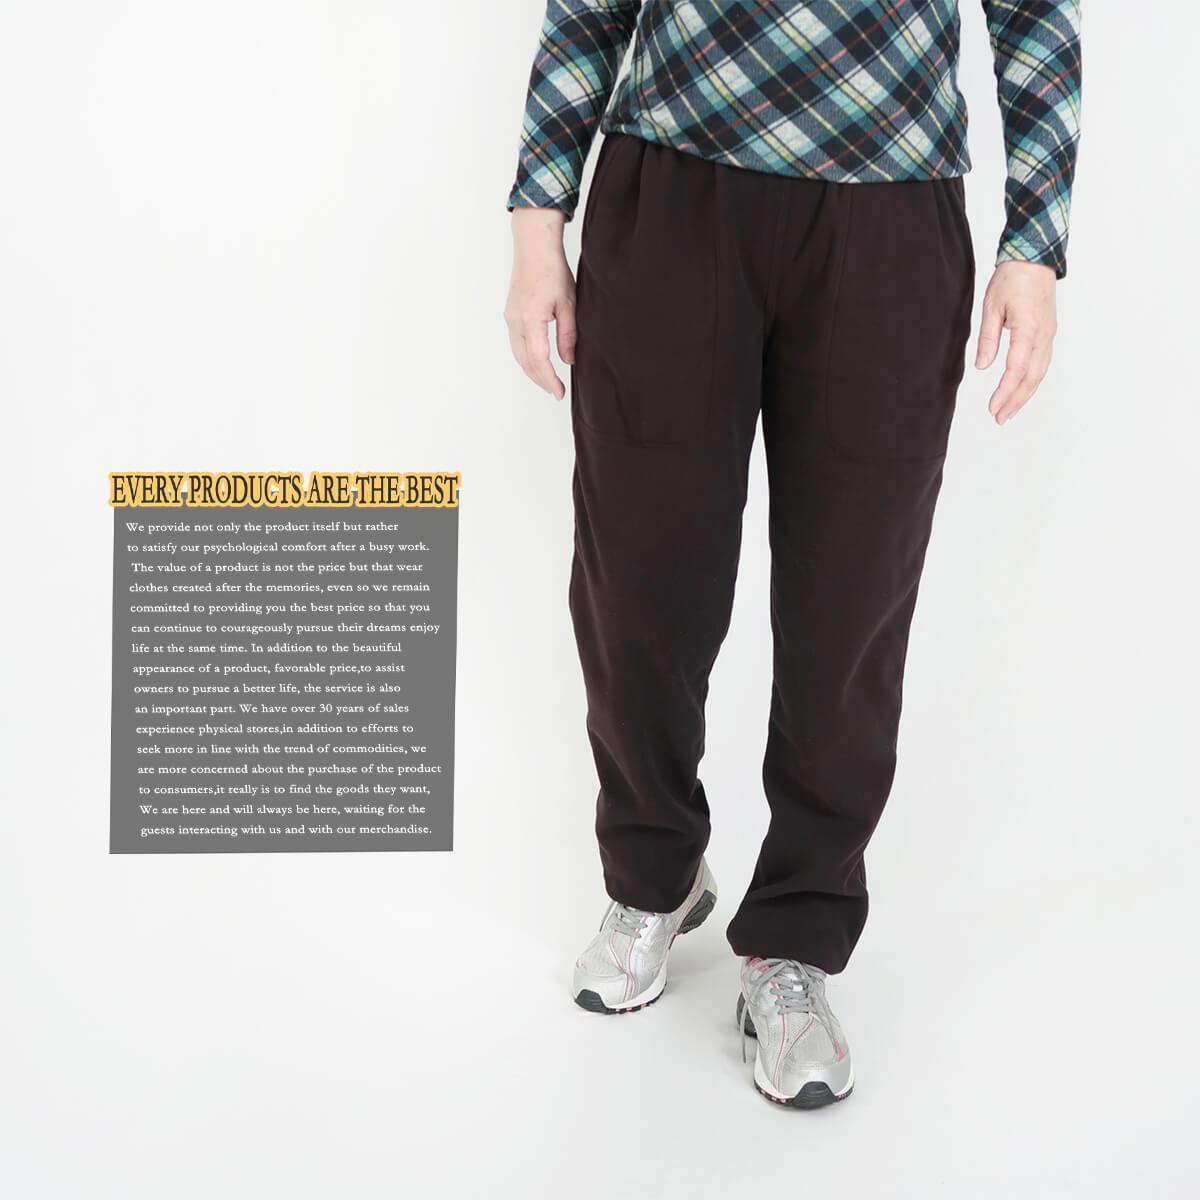 台灣製超細搖粒毛保暖褲 內裡刷毛保暖長褲 保暖棉褲長褲 機能纖維 全腰圍鬆緊帶 一件抵多件 MADE IN TAIWAN WARM FLEECE PANTS FLEECE LINED (020-2805-08)深藍色、(020-2805-19)深咖啡 腰圍M L XL 2L 3L(28~42英吋) 男女可穿 [實體店面保障] sun-e 5